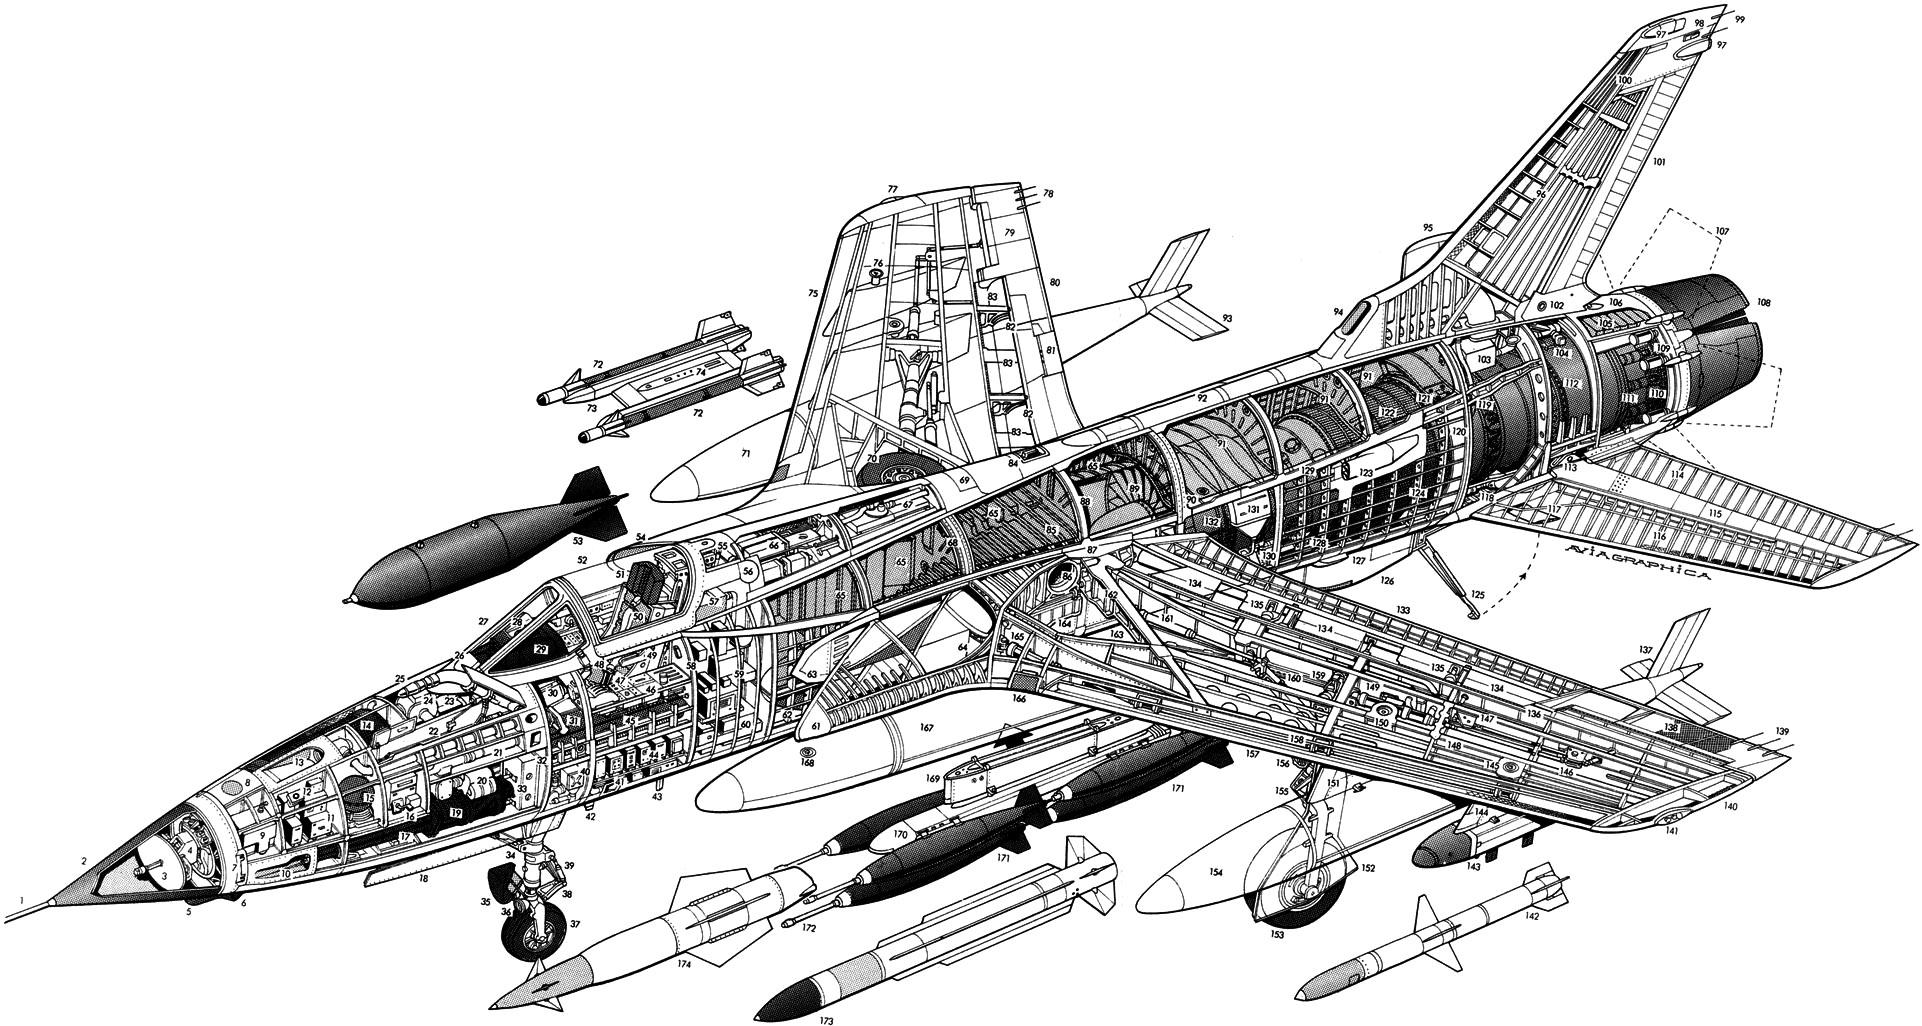 Republic F-105 Thunderchief PDF eBook & Flight Manuals